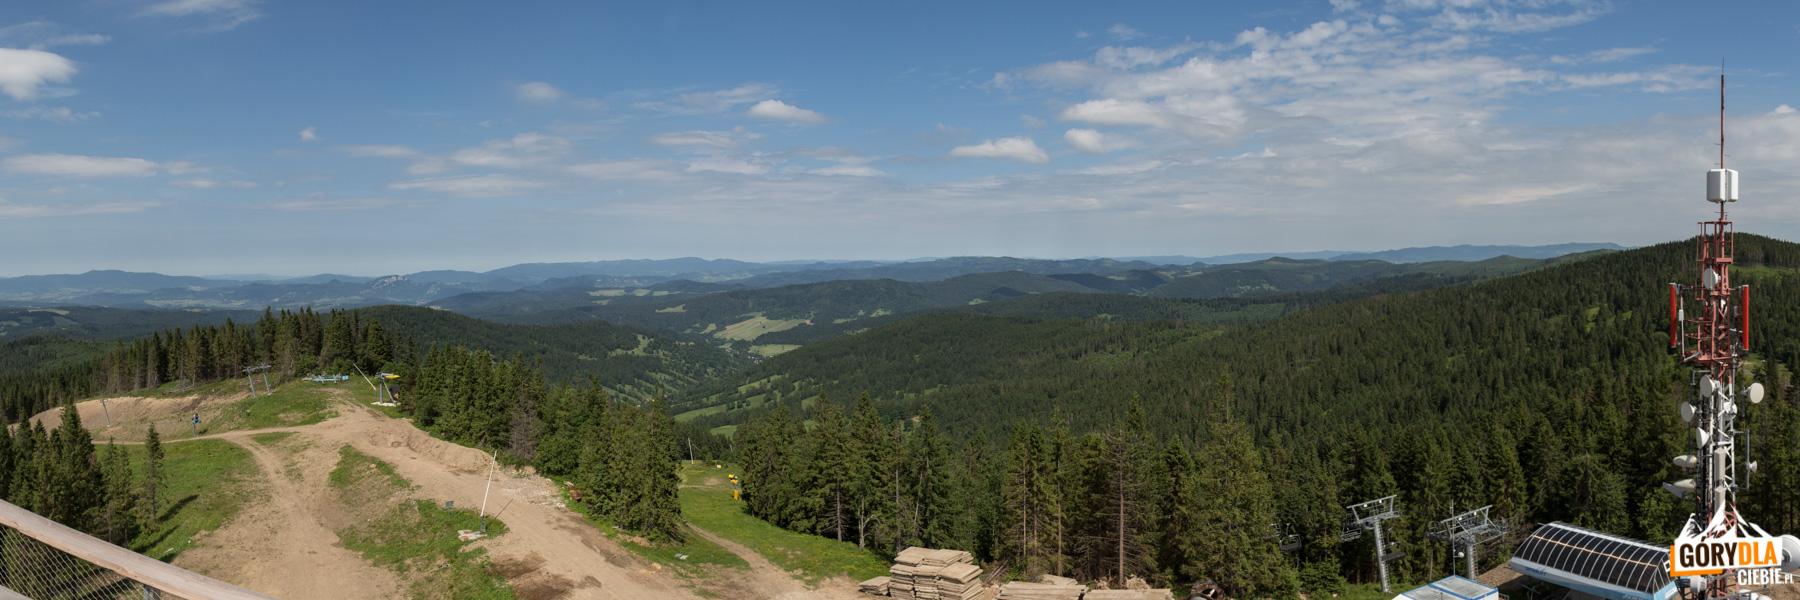 Panorama z wieży widokowej na Pieniny, Magurę Spiską i Beskid Sądecki